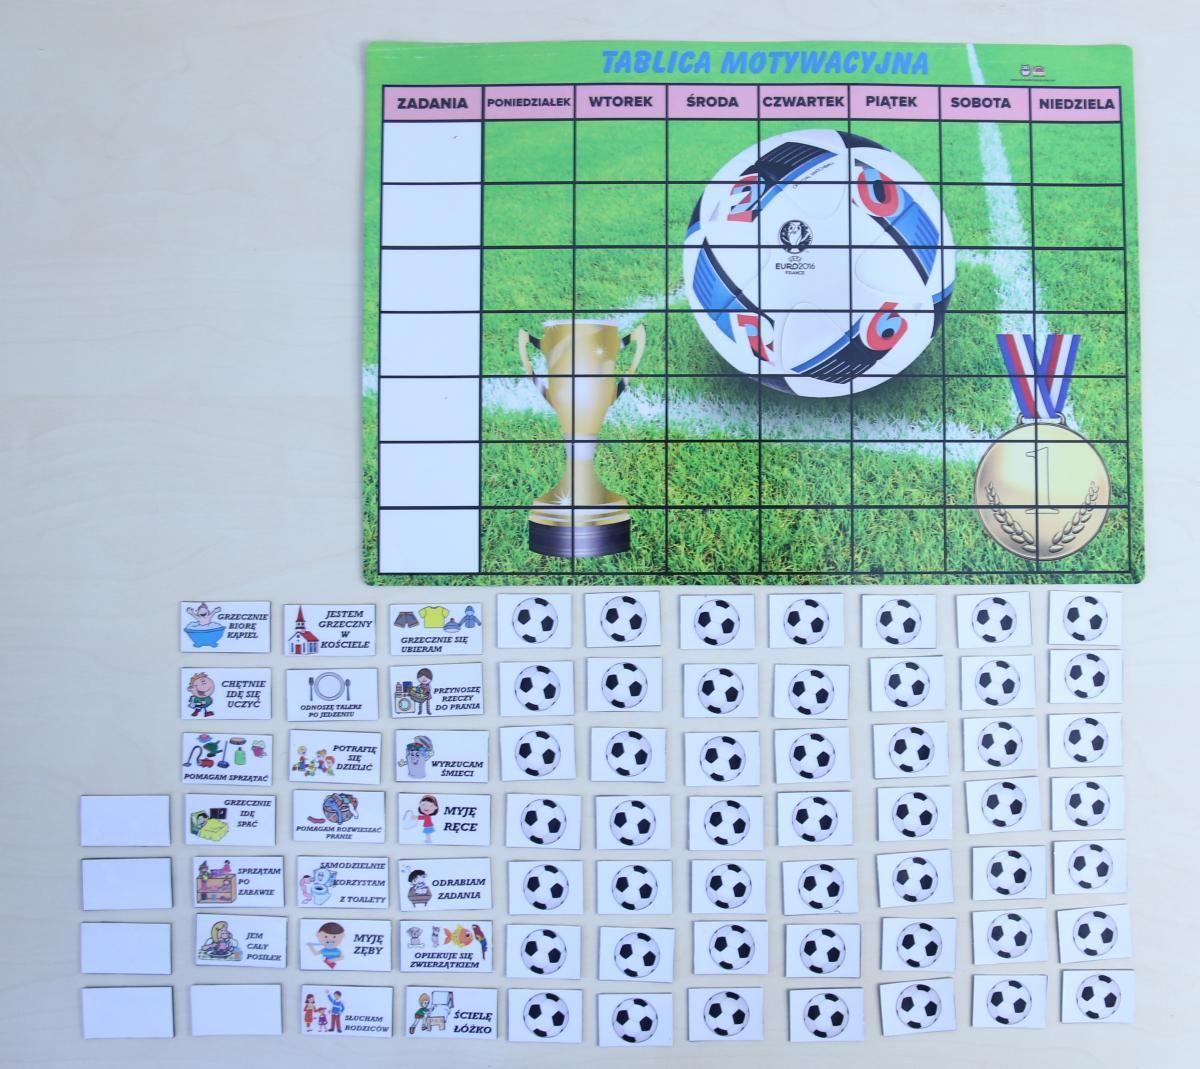 Magnetyczna tablica motywacyjna - piłkarska przygoda